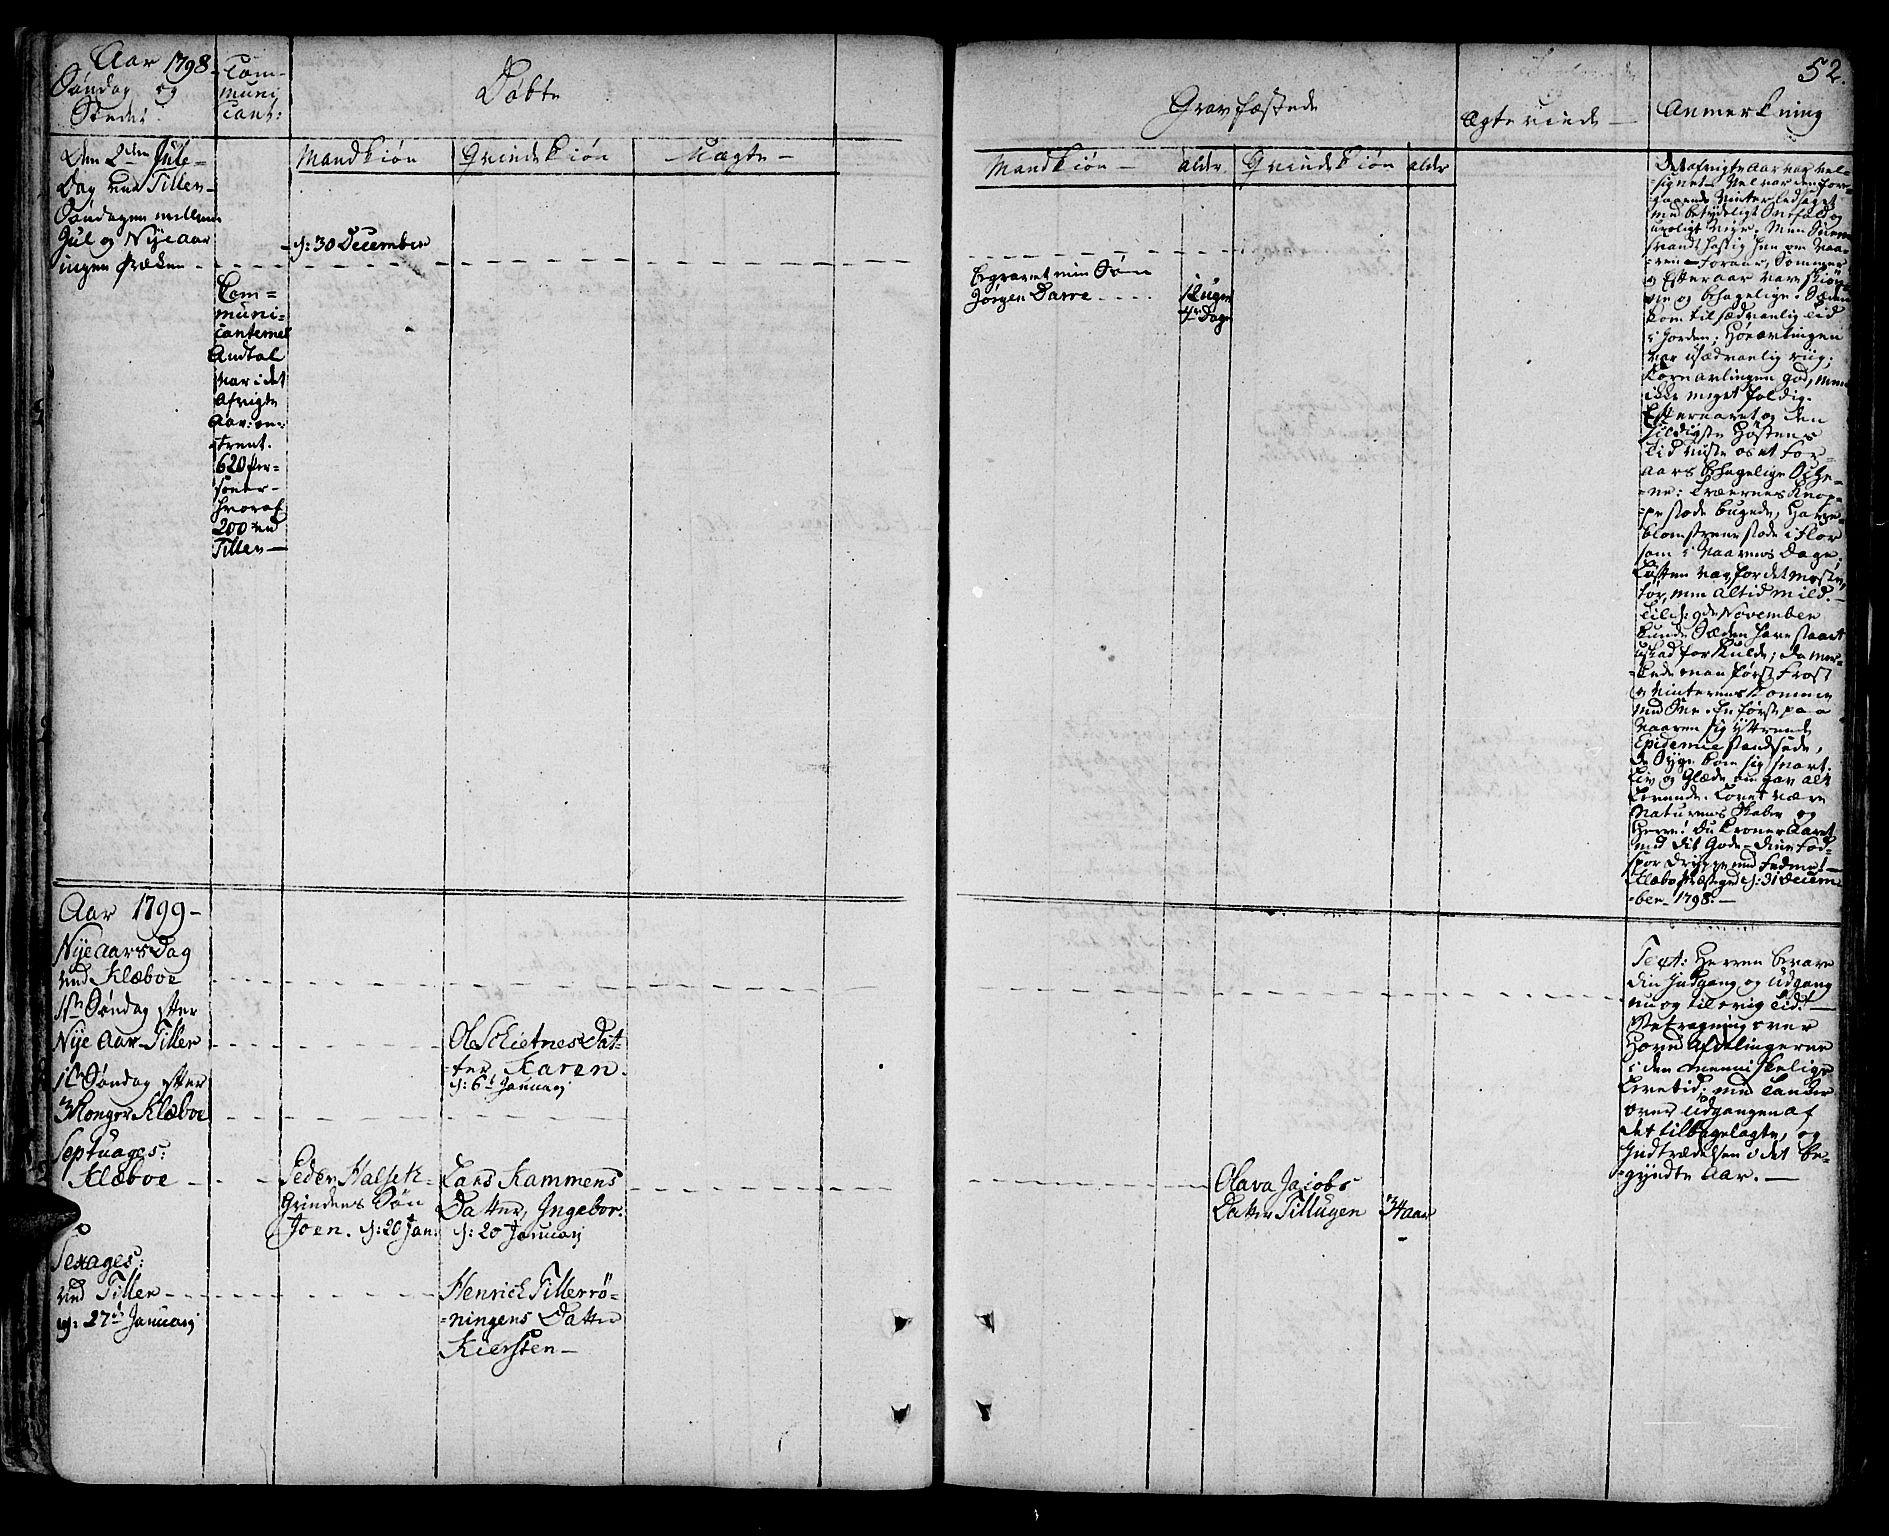 SAT, Ministerialprotokoller, klokkerbøker og fødselsregistre - Sør-Trøndelag, 618/L0438: Ministerialbok nr. 618A03, 1783-1815, s. 52